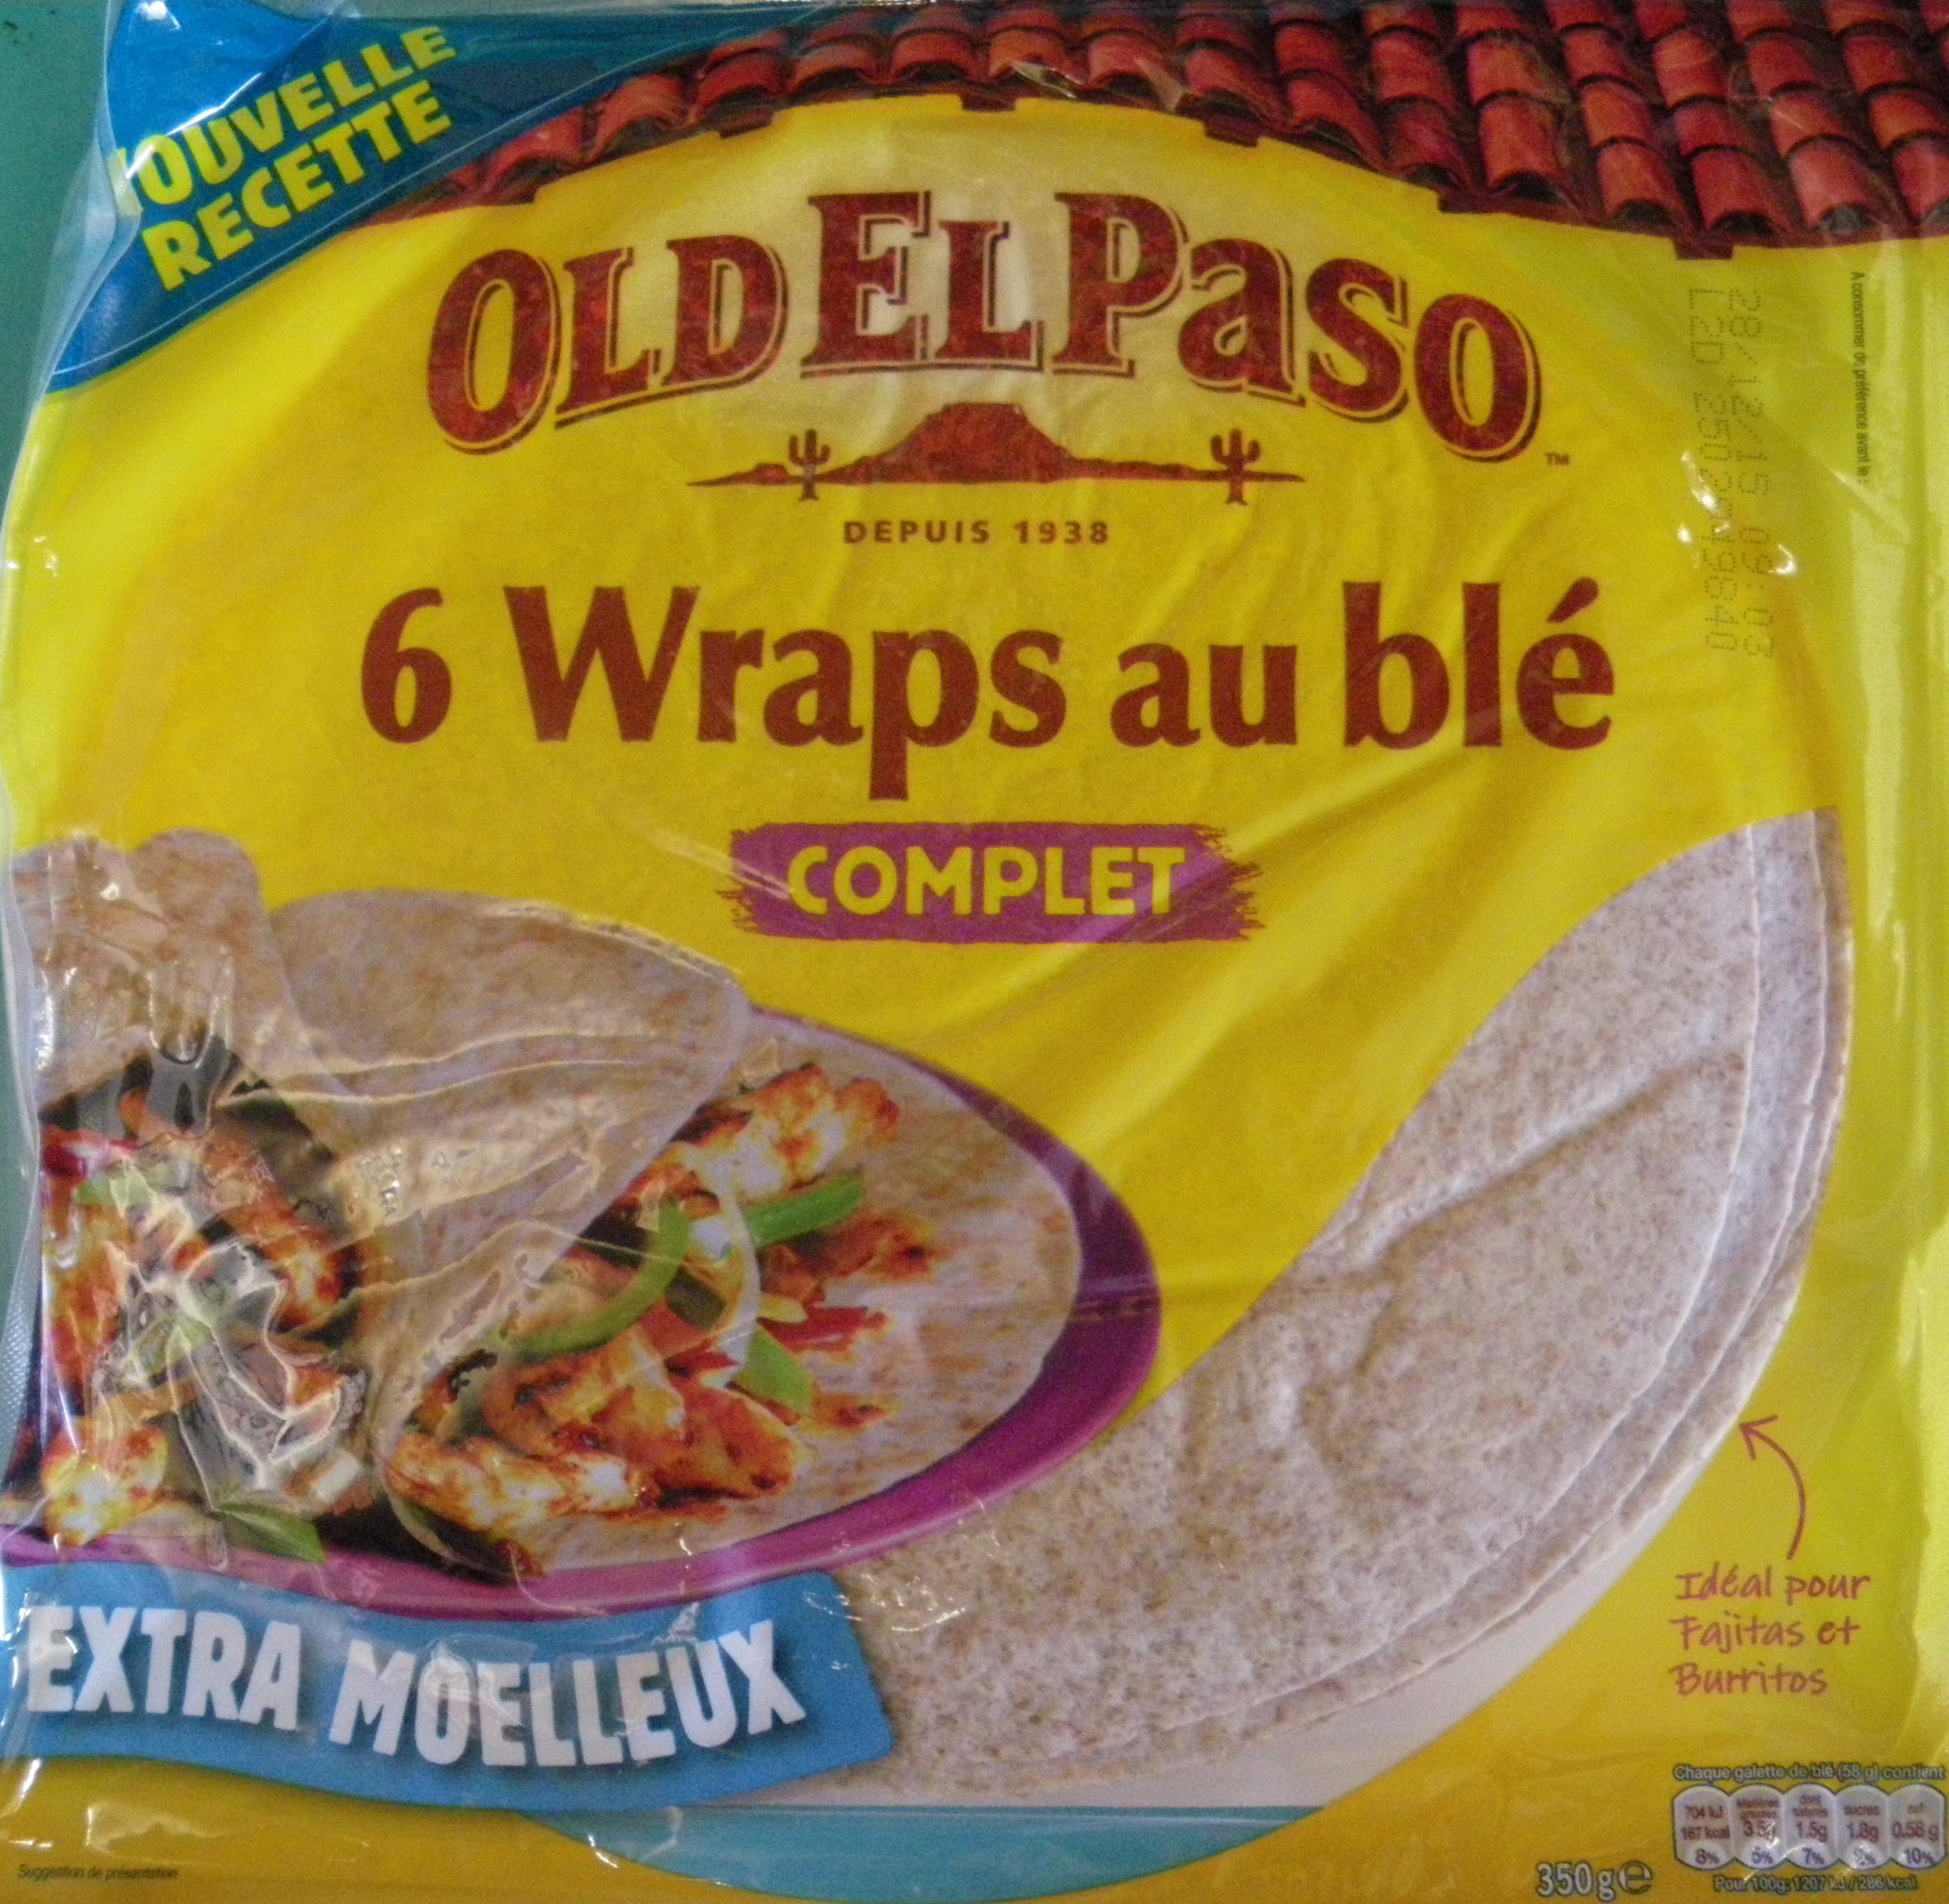 Wraps - Galette au blé complet - Producto